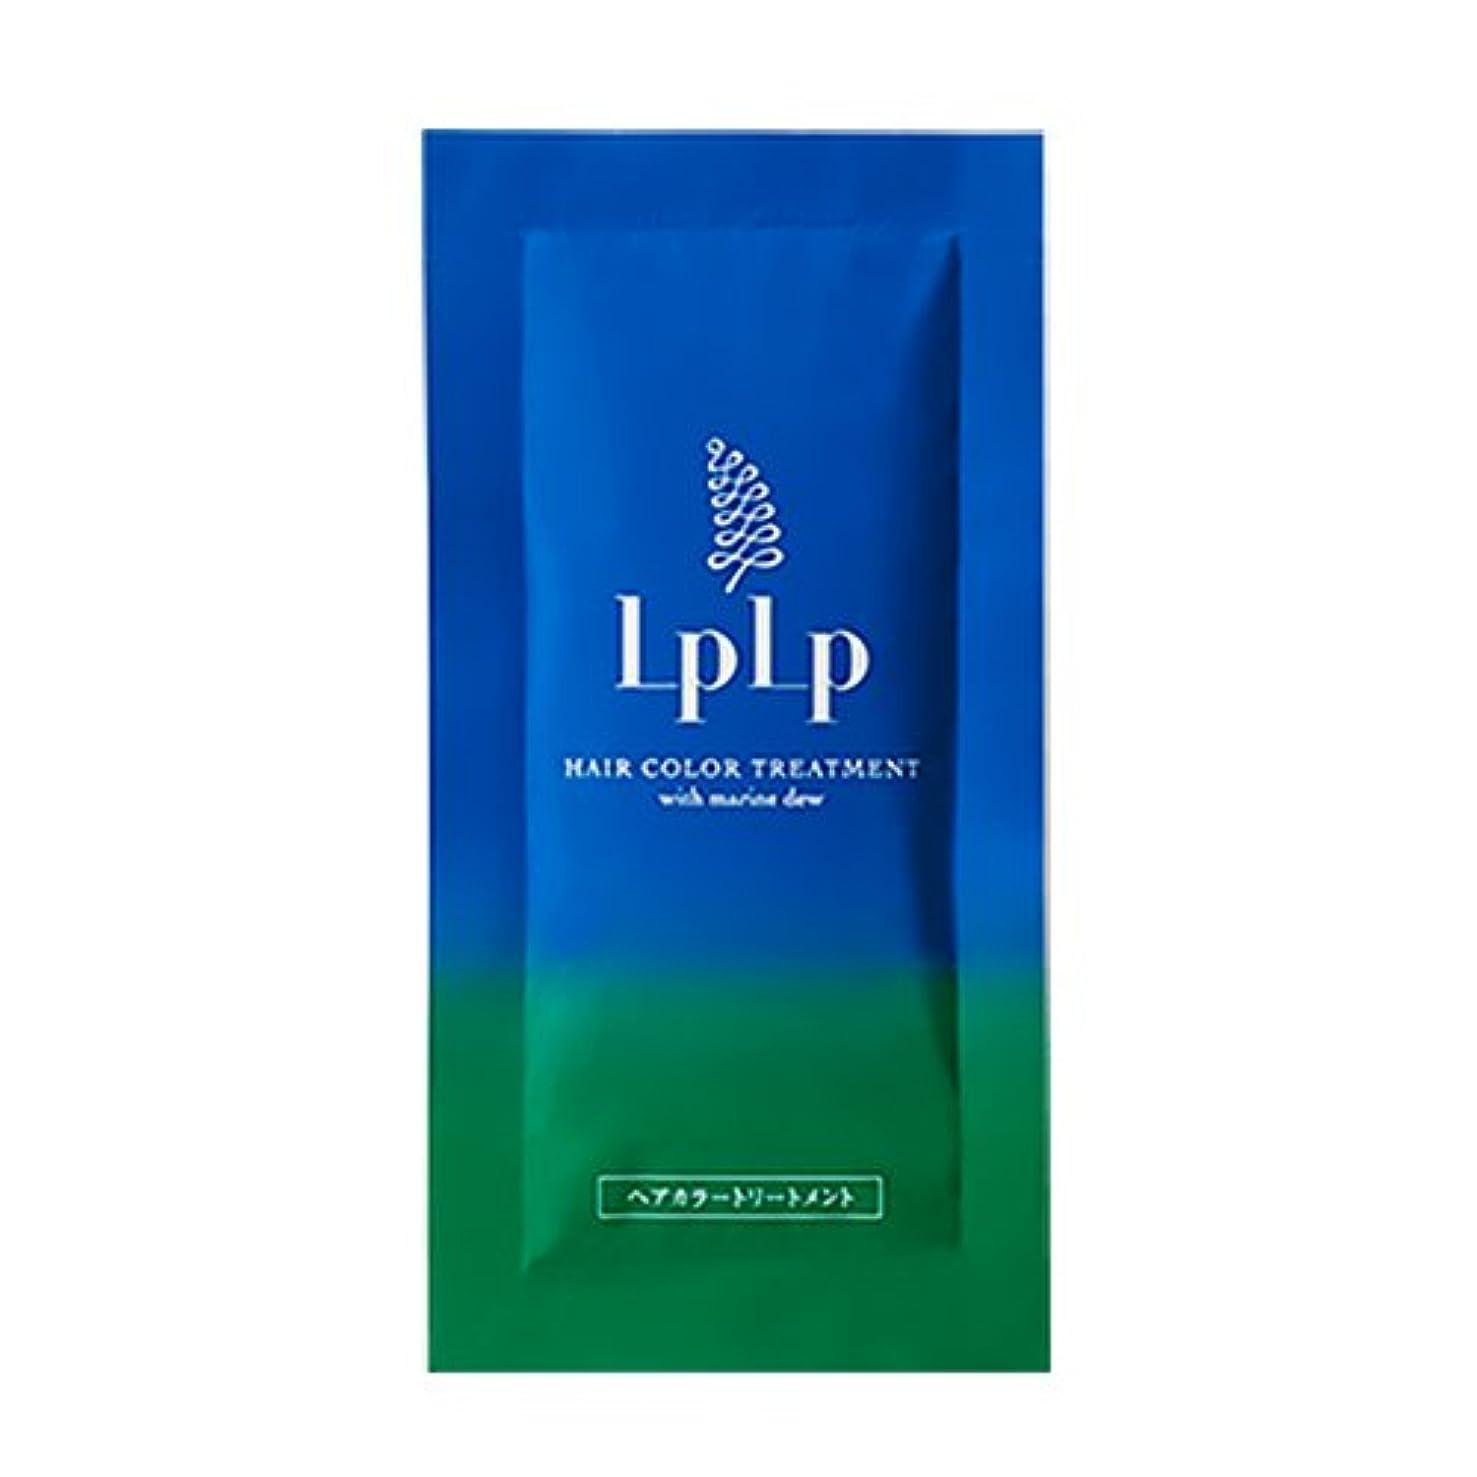 愛情深い脊椎入り口LPLP(ルプルプ)ヘアカラートリートメントお試しパウチ ソフトブラック